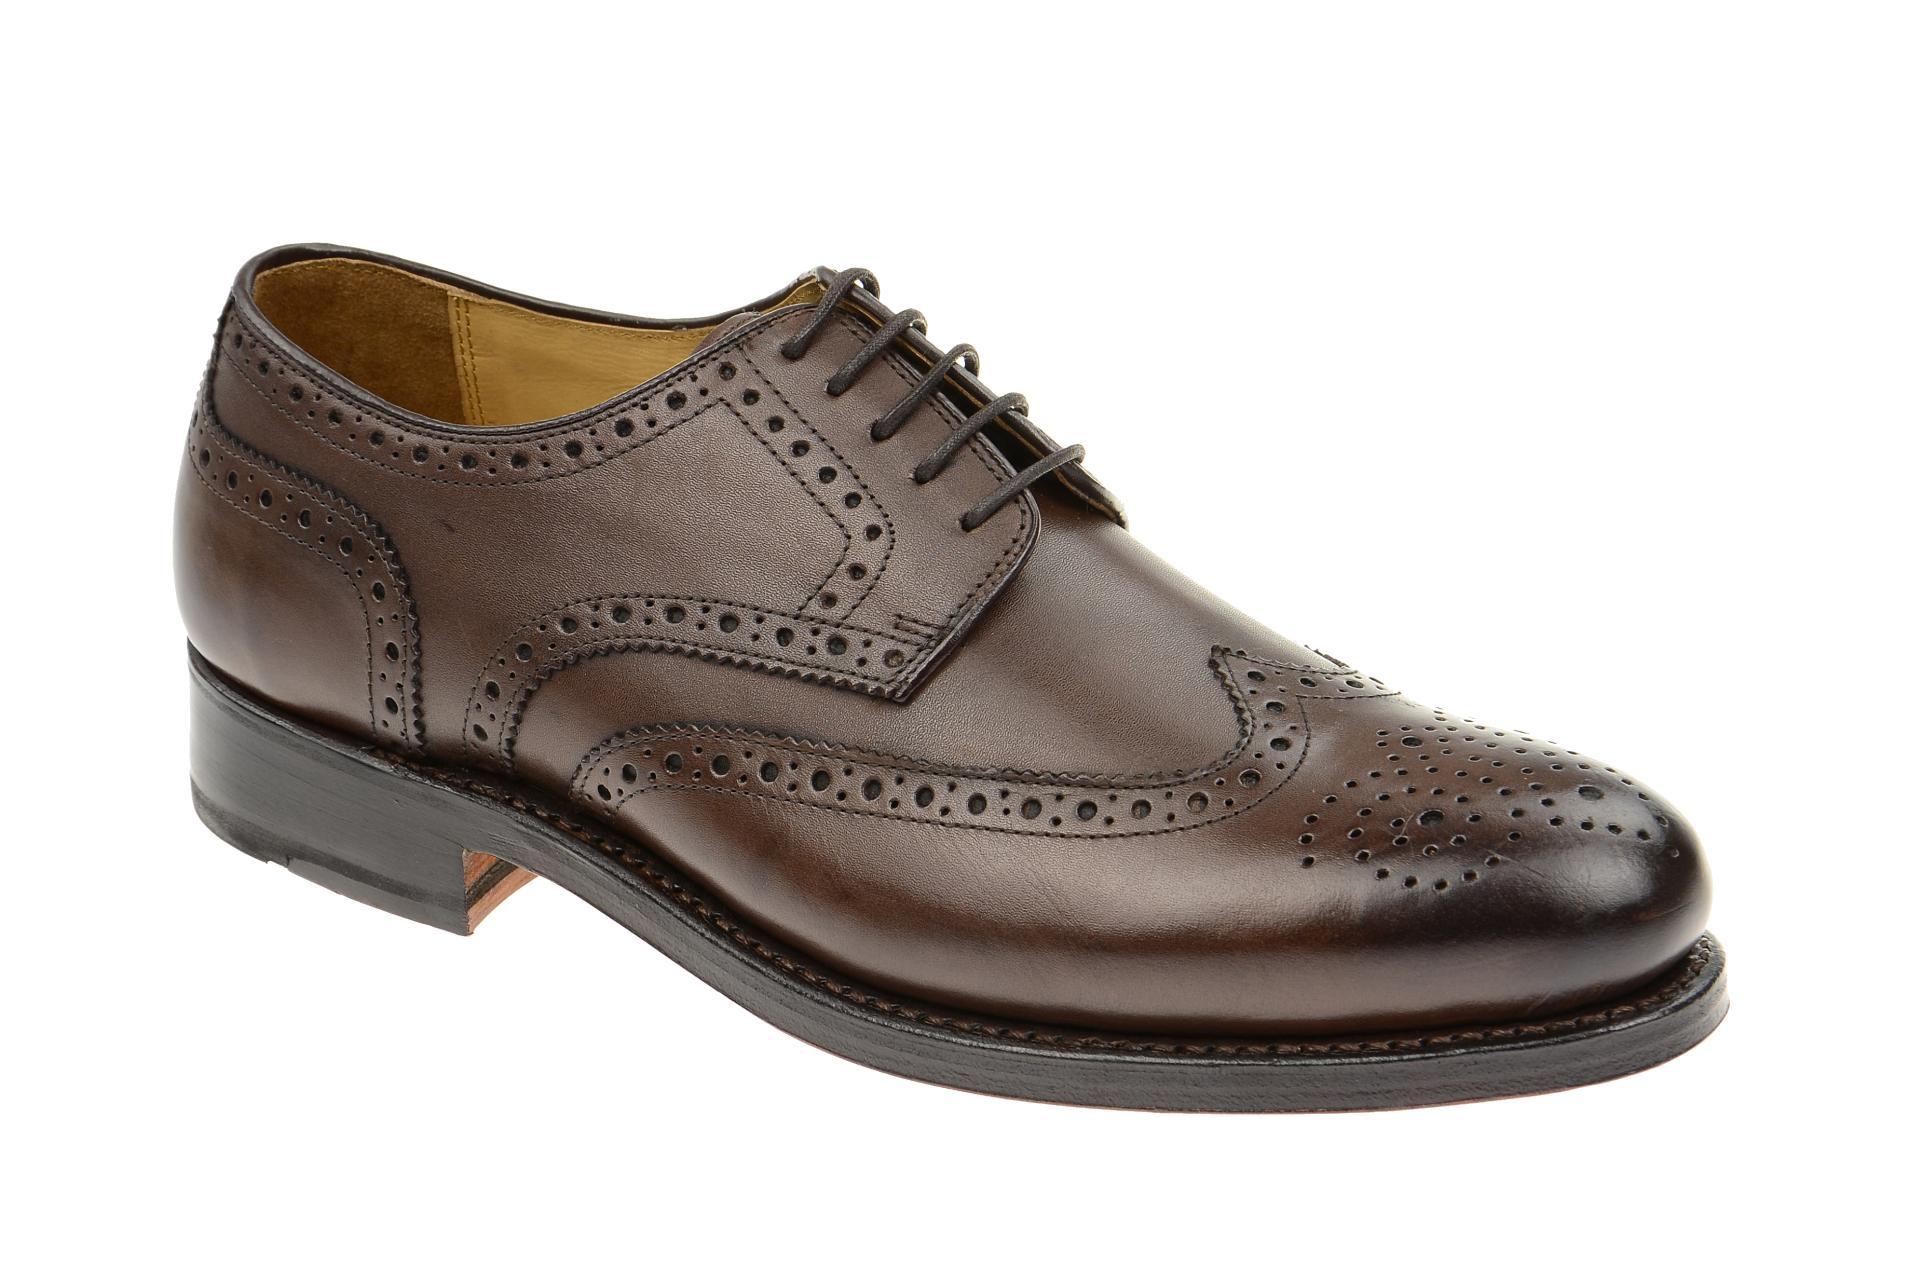 Gordon & Bros. 2318 Schuhe Levet braun rahmengenäht :: Braun - 40 - Männlich - Erwachsene